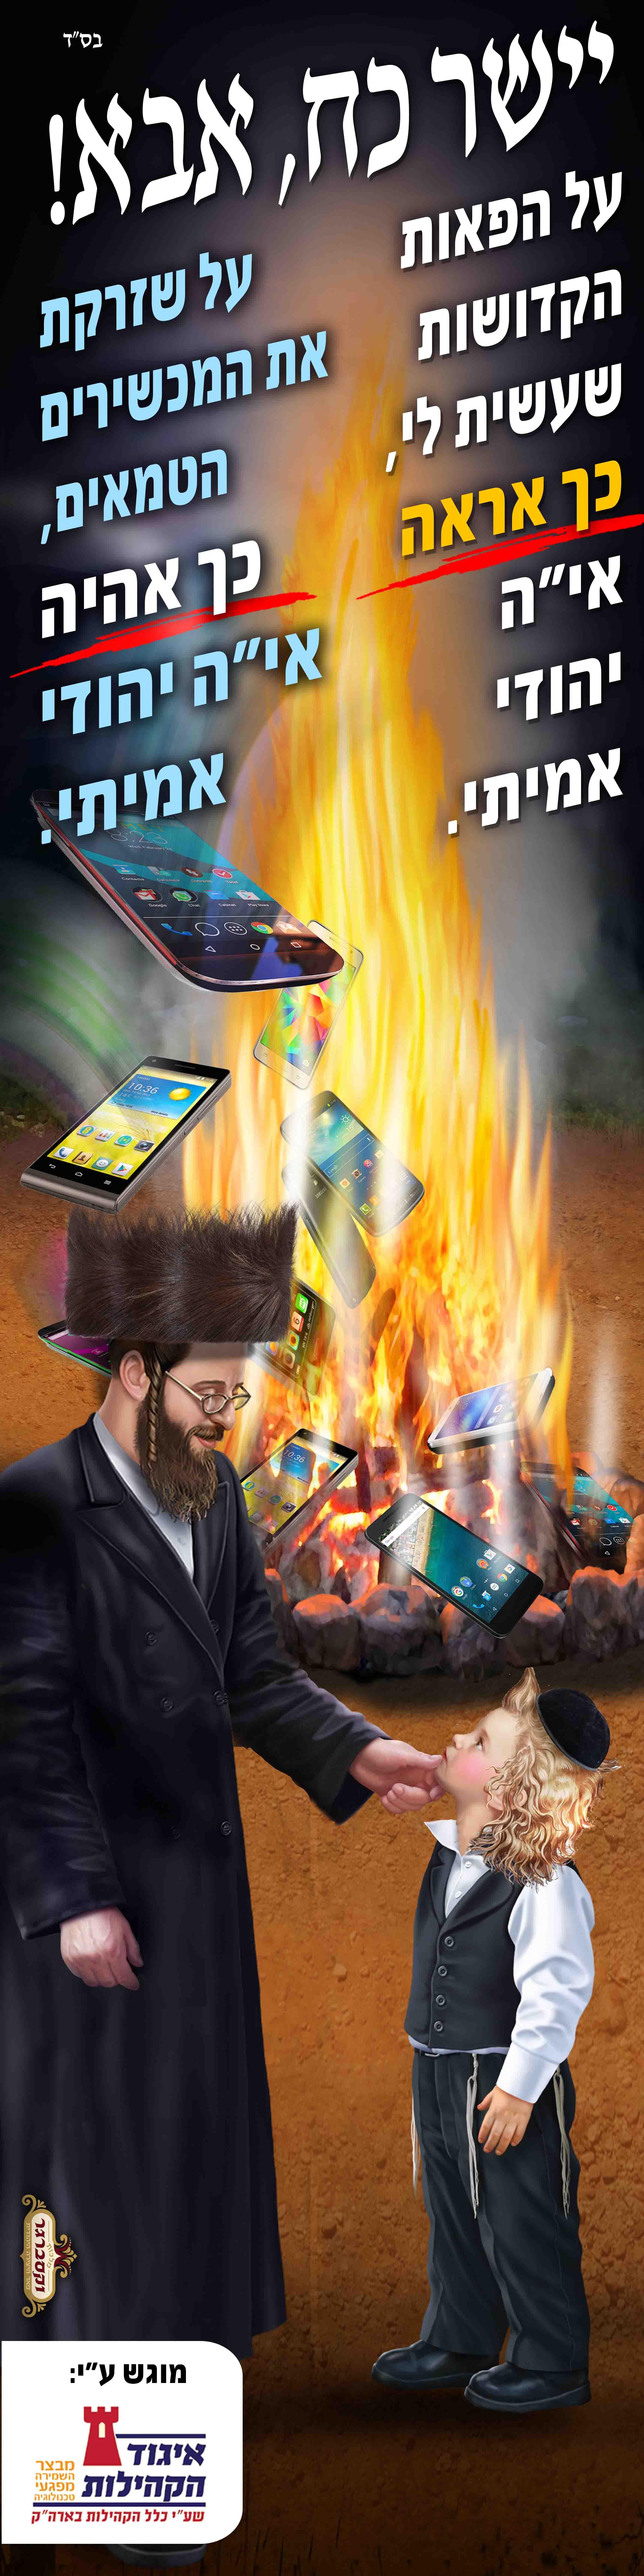 יהודי אמיתי